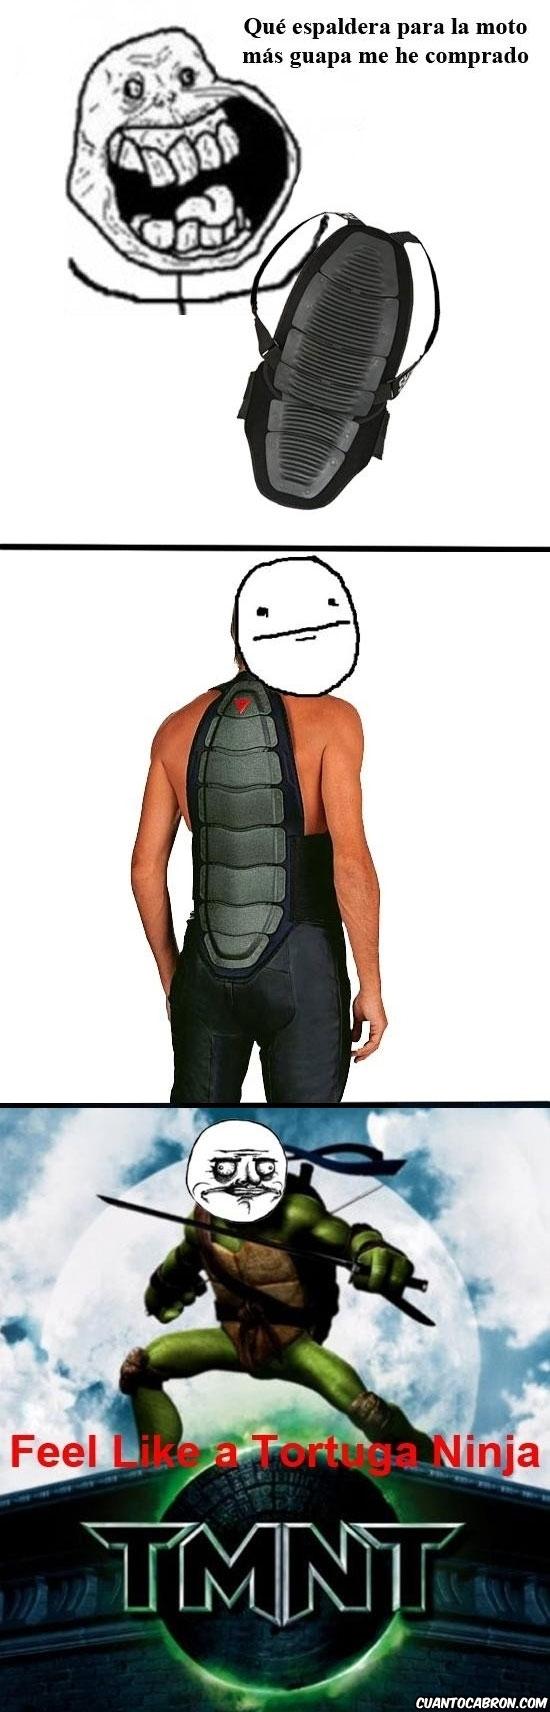 Feel_like_a_ninja - Con mi espaldera nueva para la moto